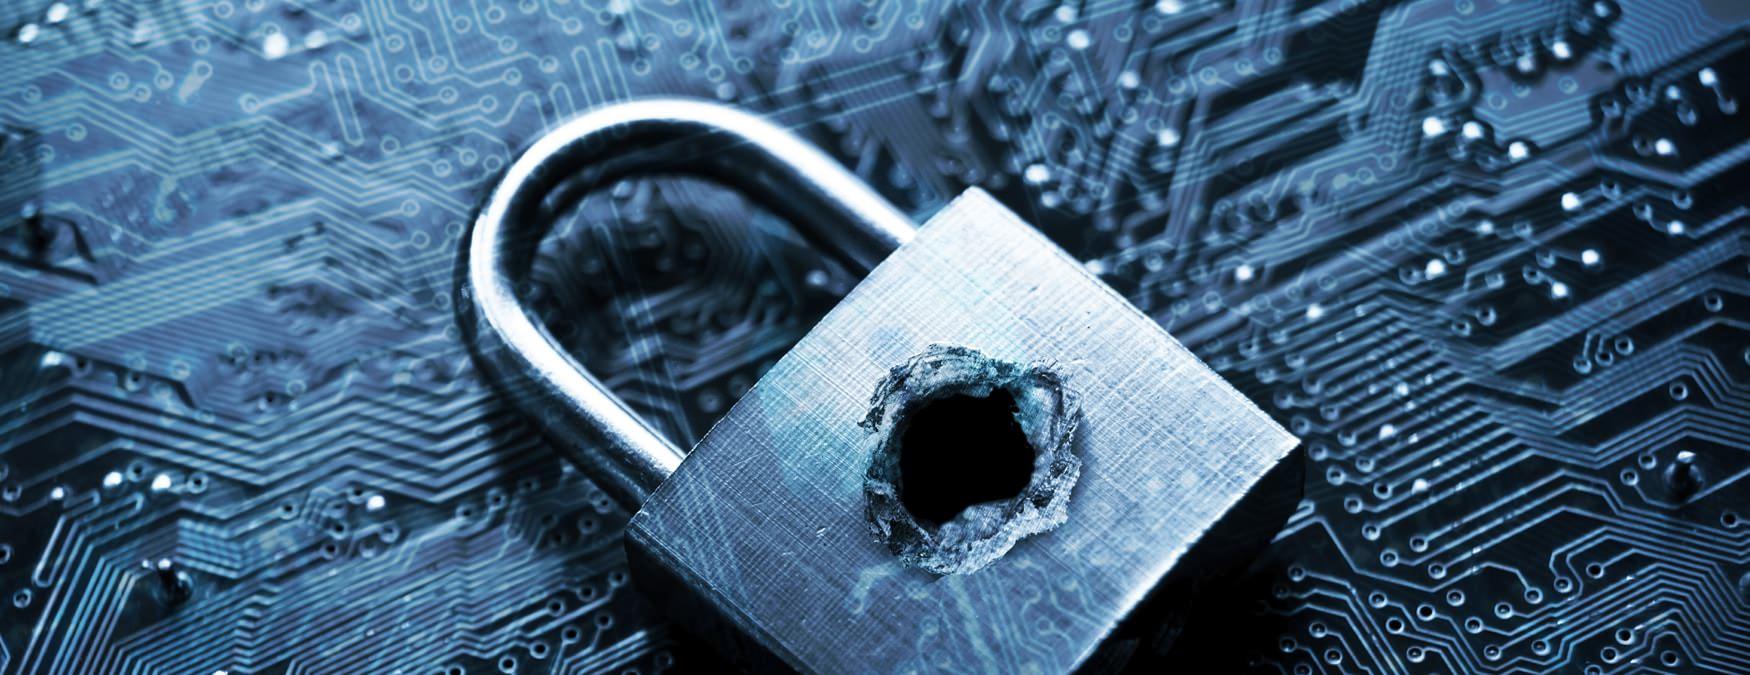 Secure Equipment Destruction - AGR